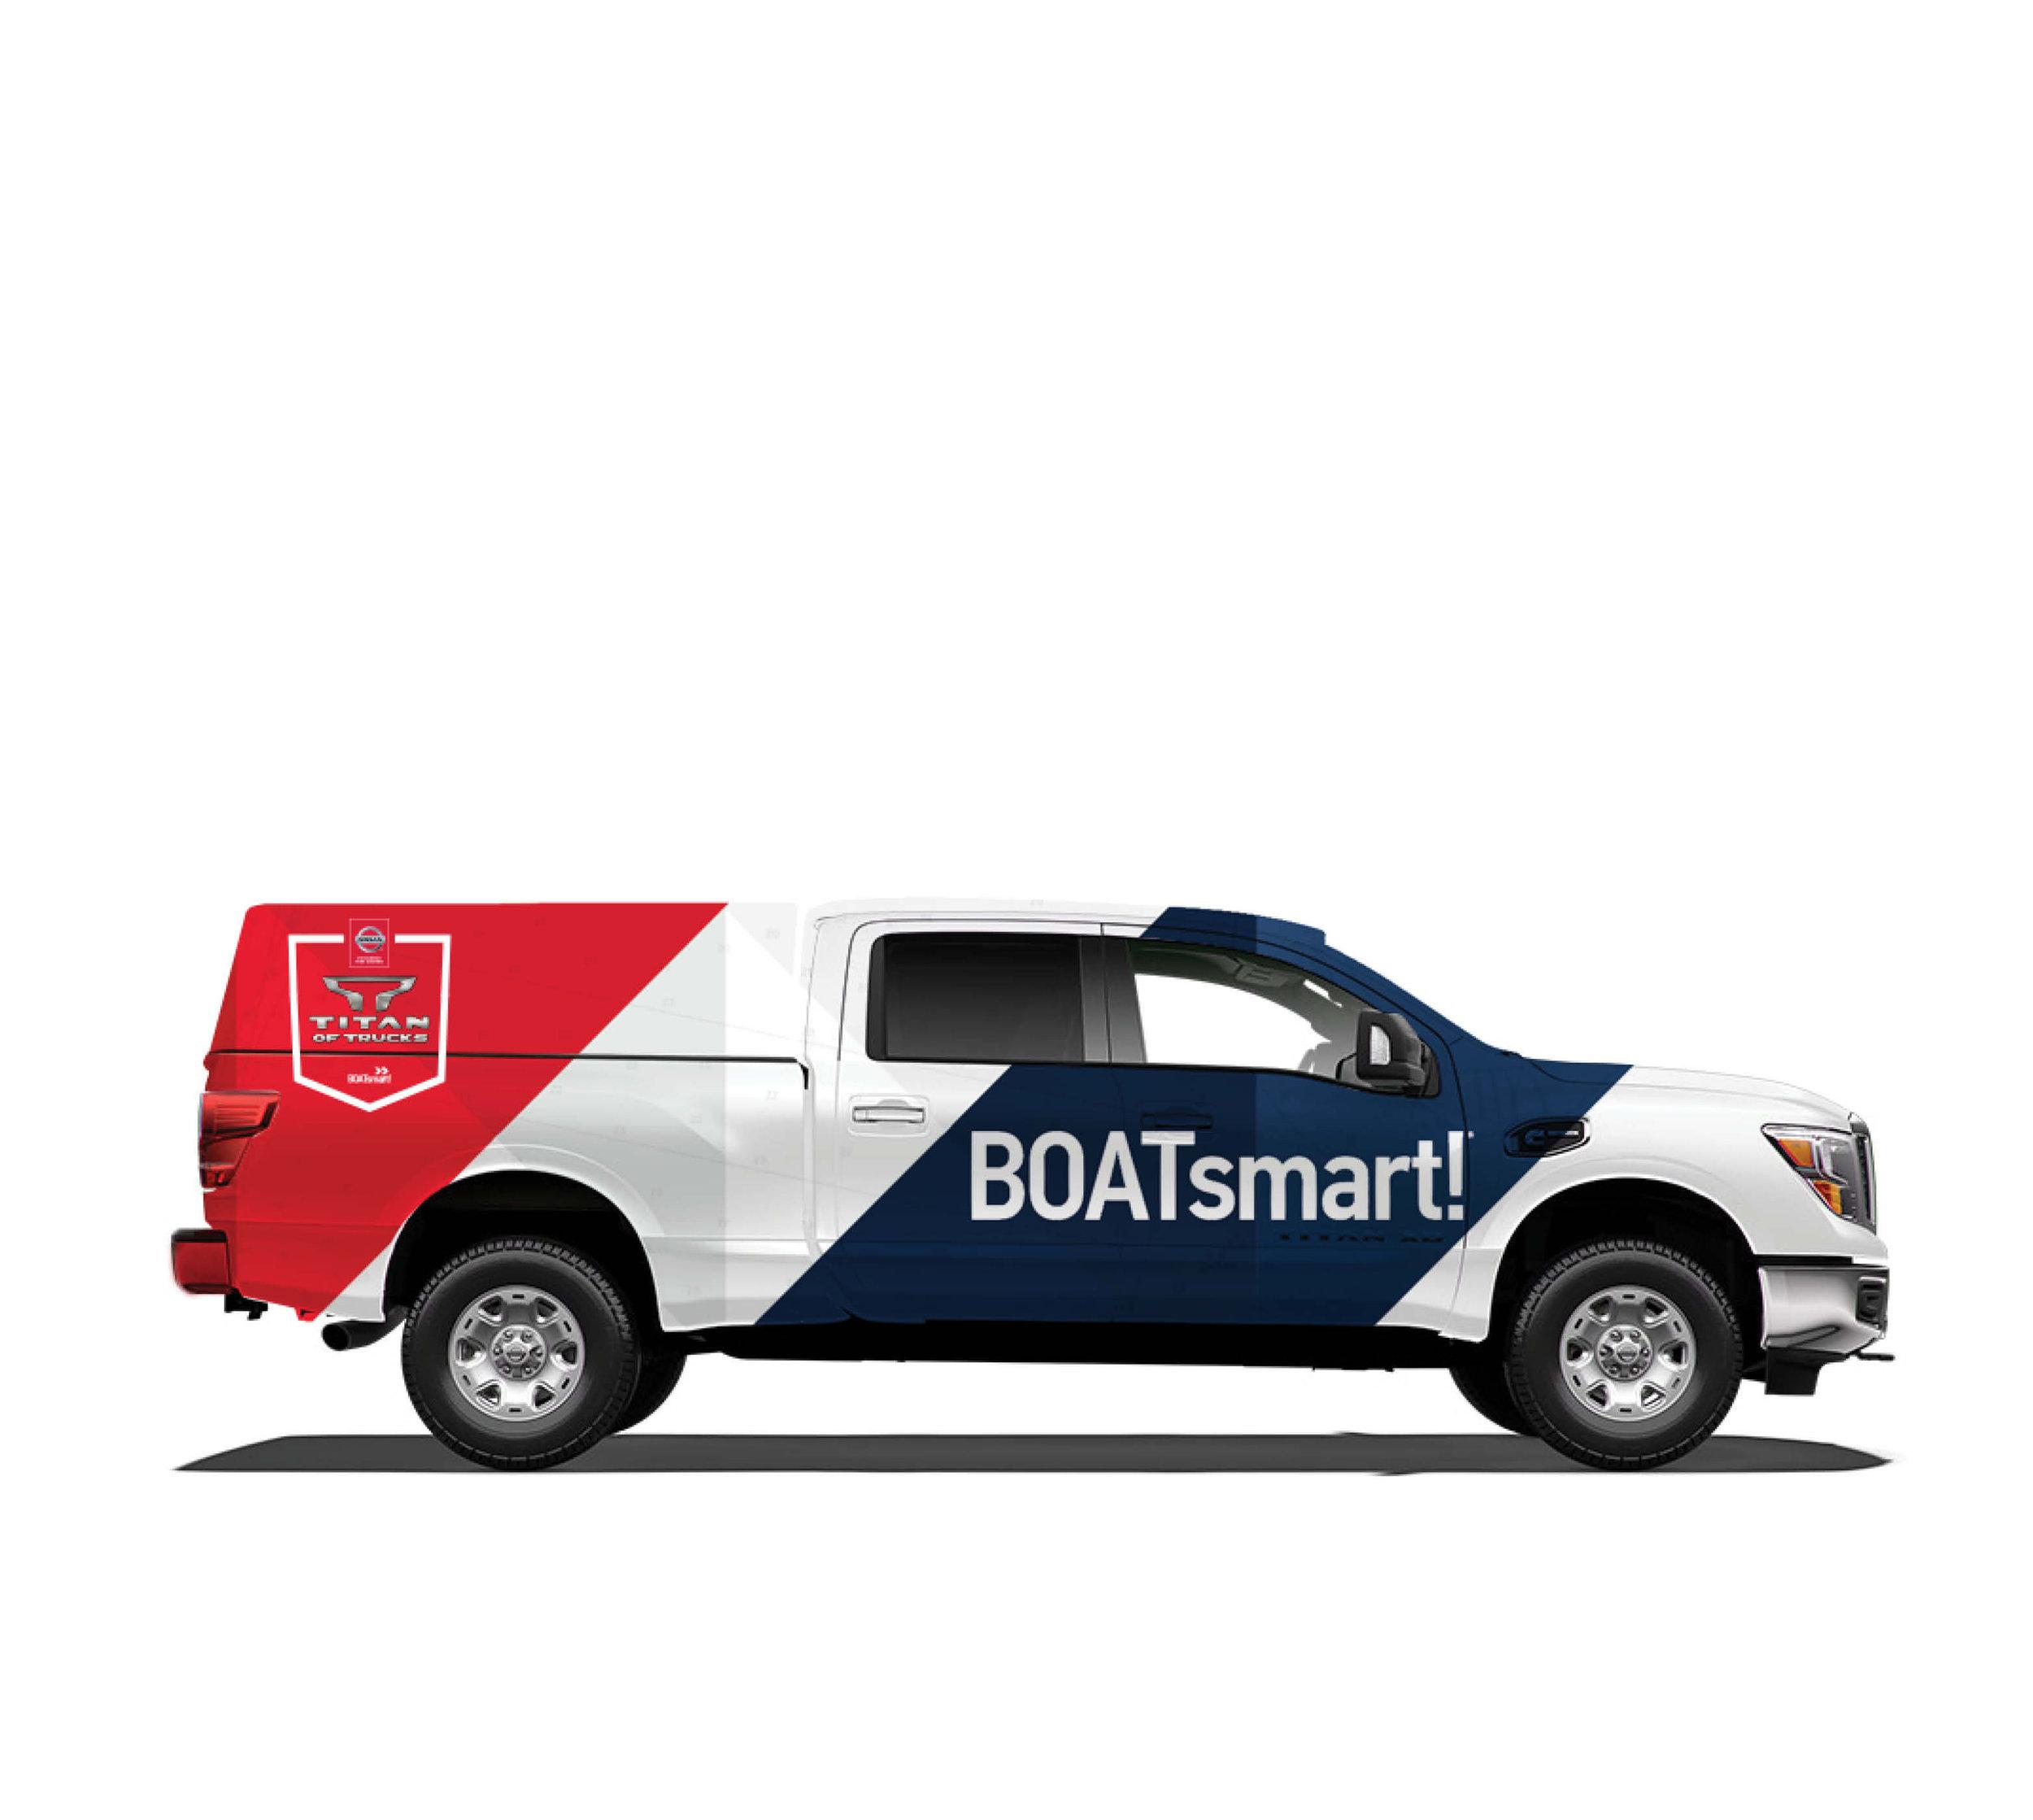 BOATsmart!_Truck.jpg